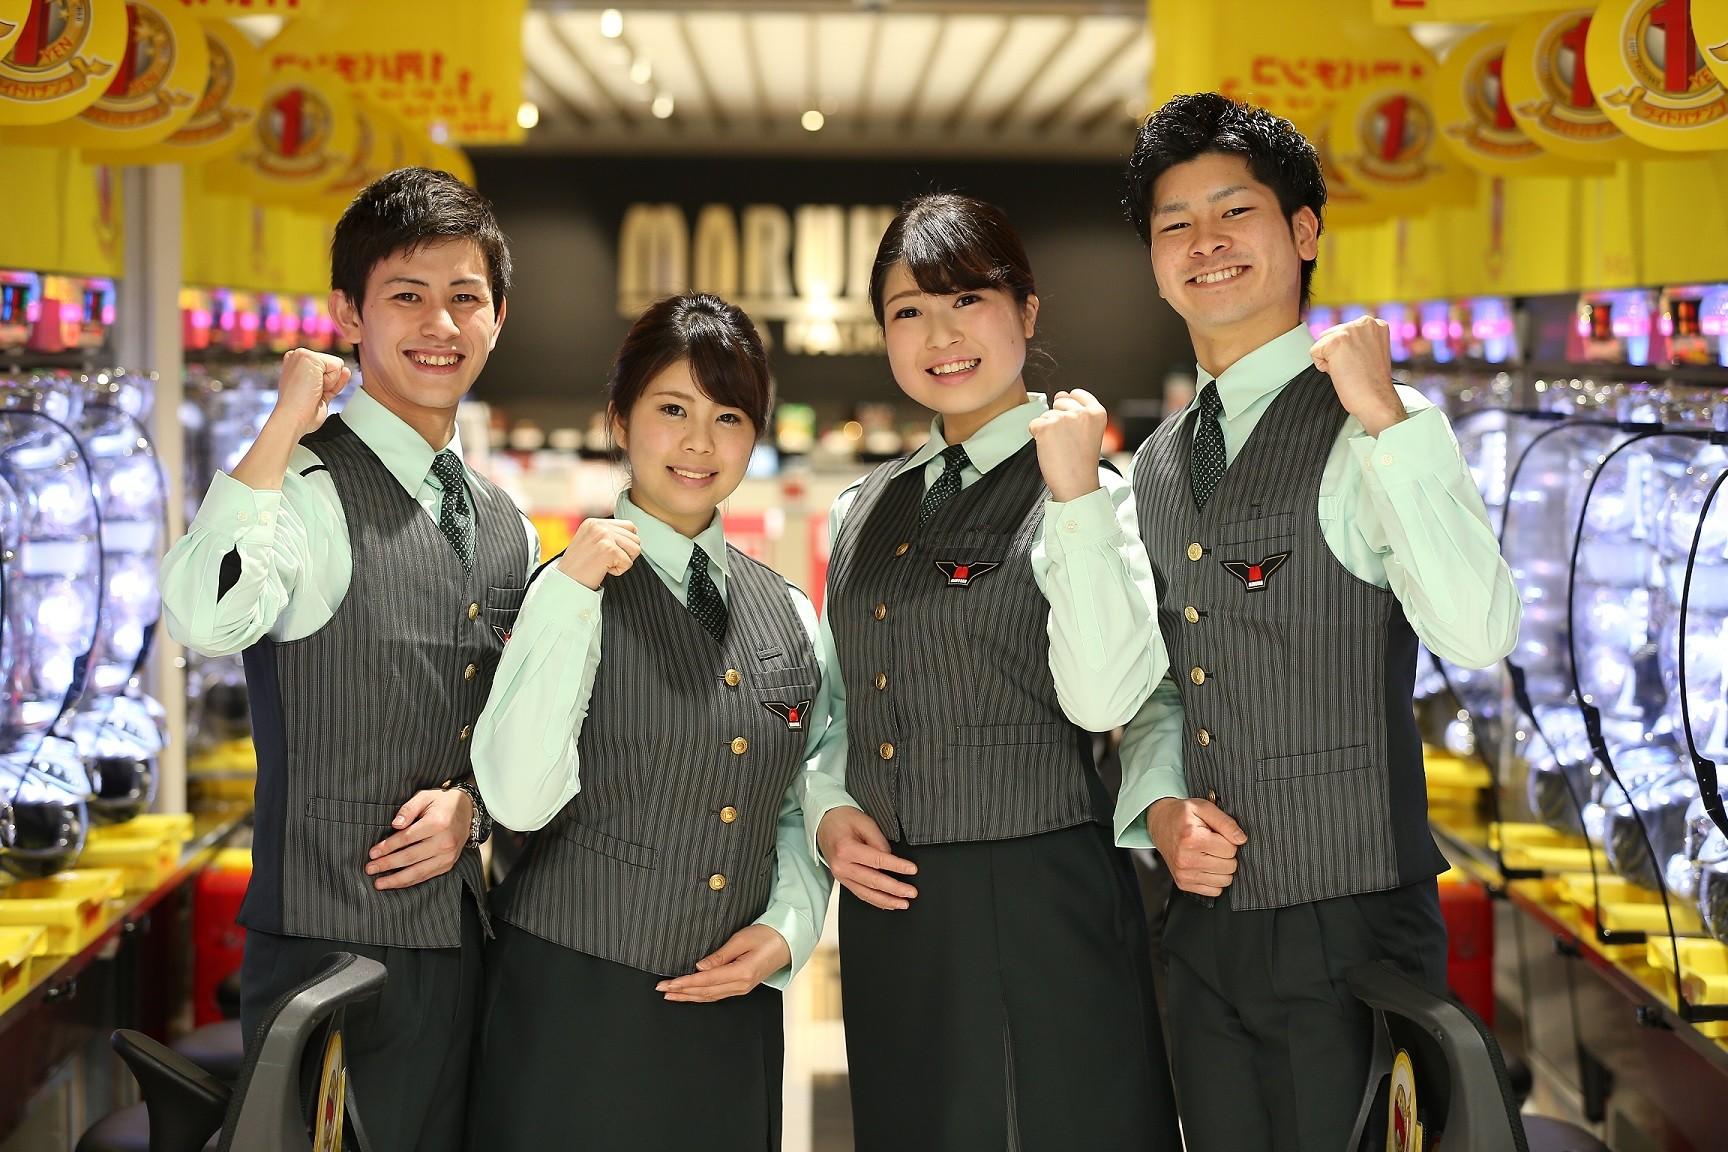 マルハン 和歌山湊店[3003]のアルバイト情報